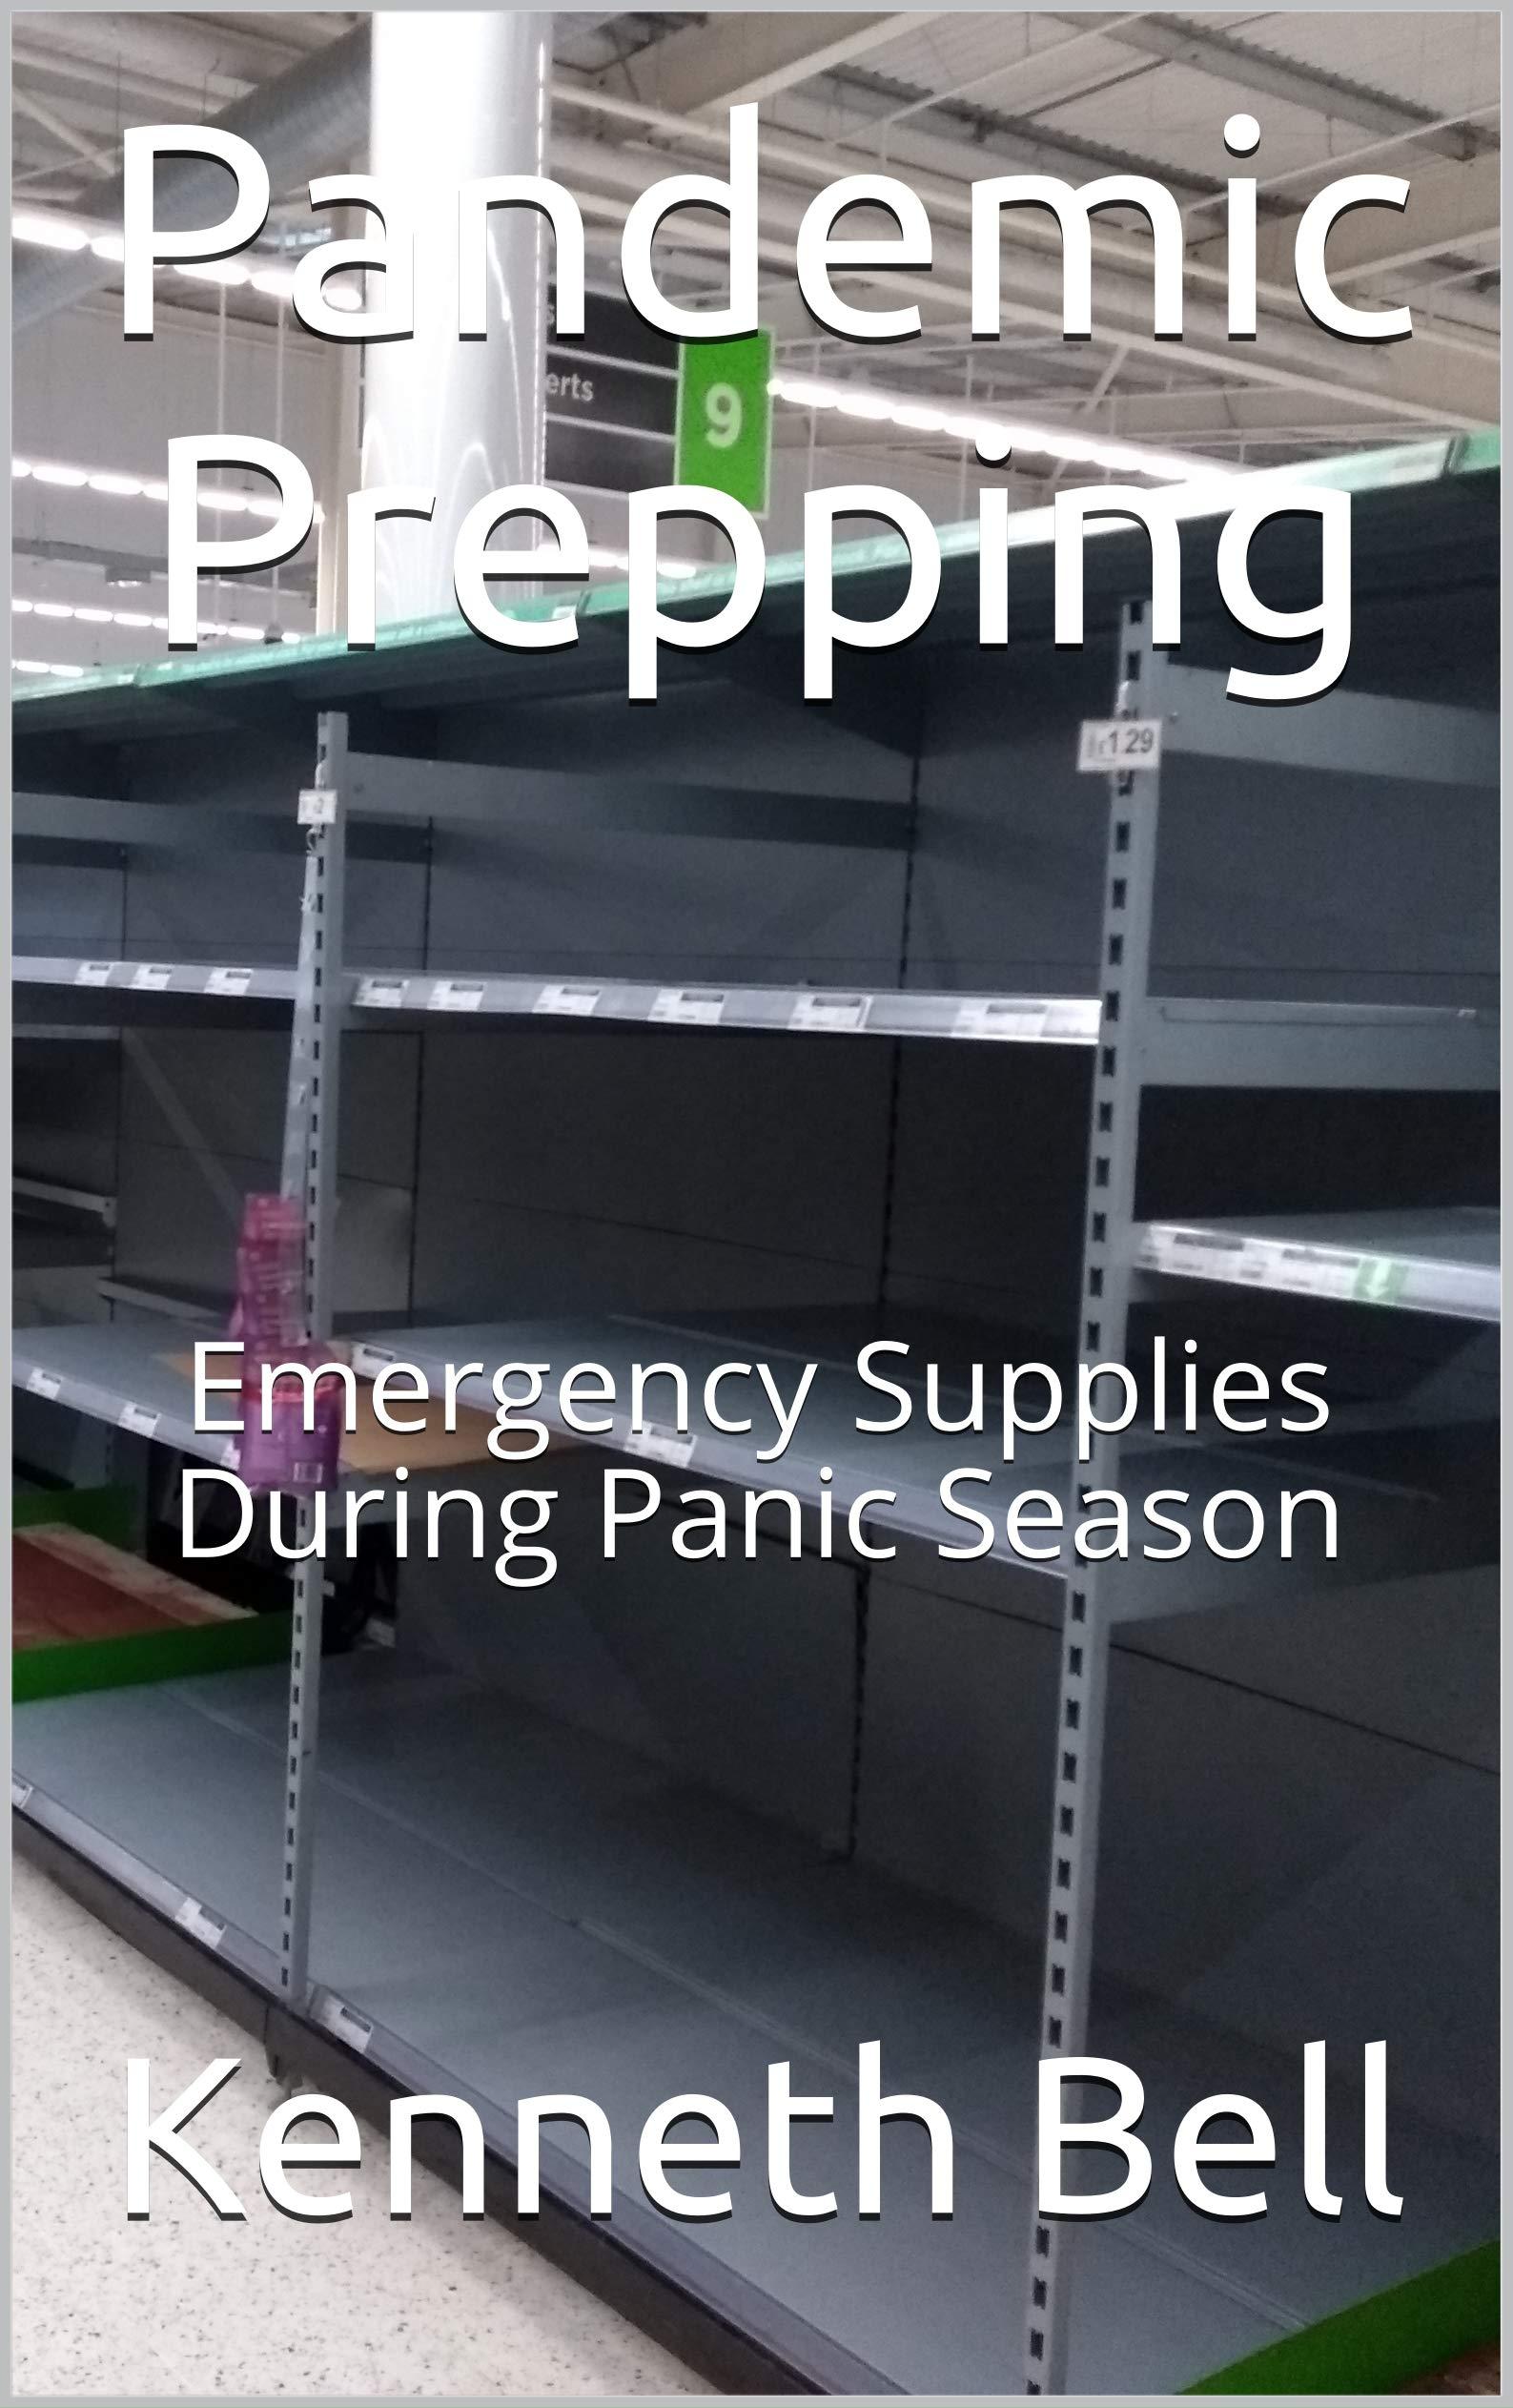 Pandemic Prepping: Emergency Supplies During Panic Season